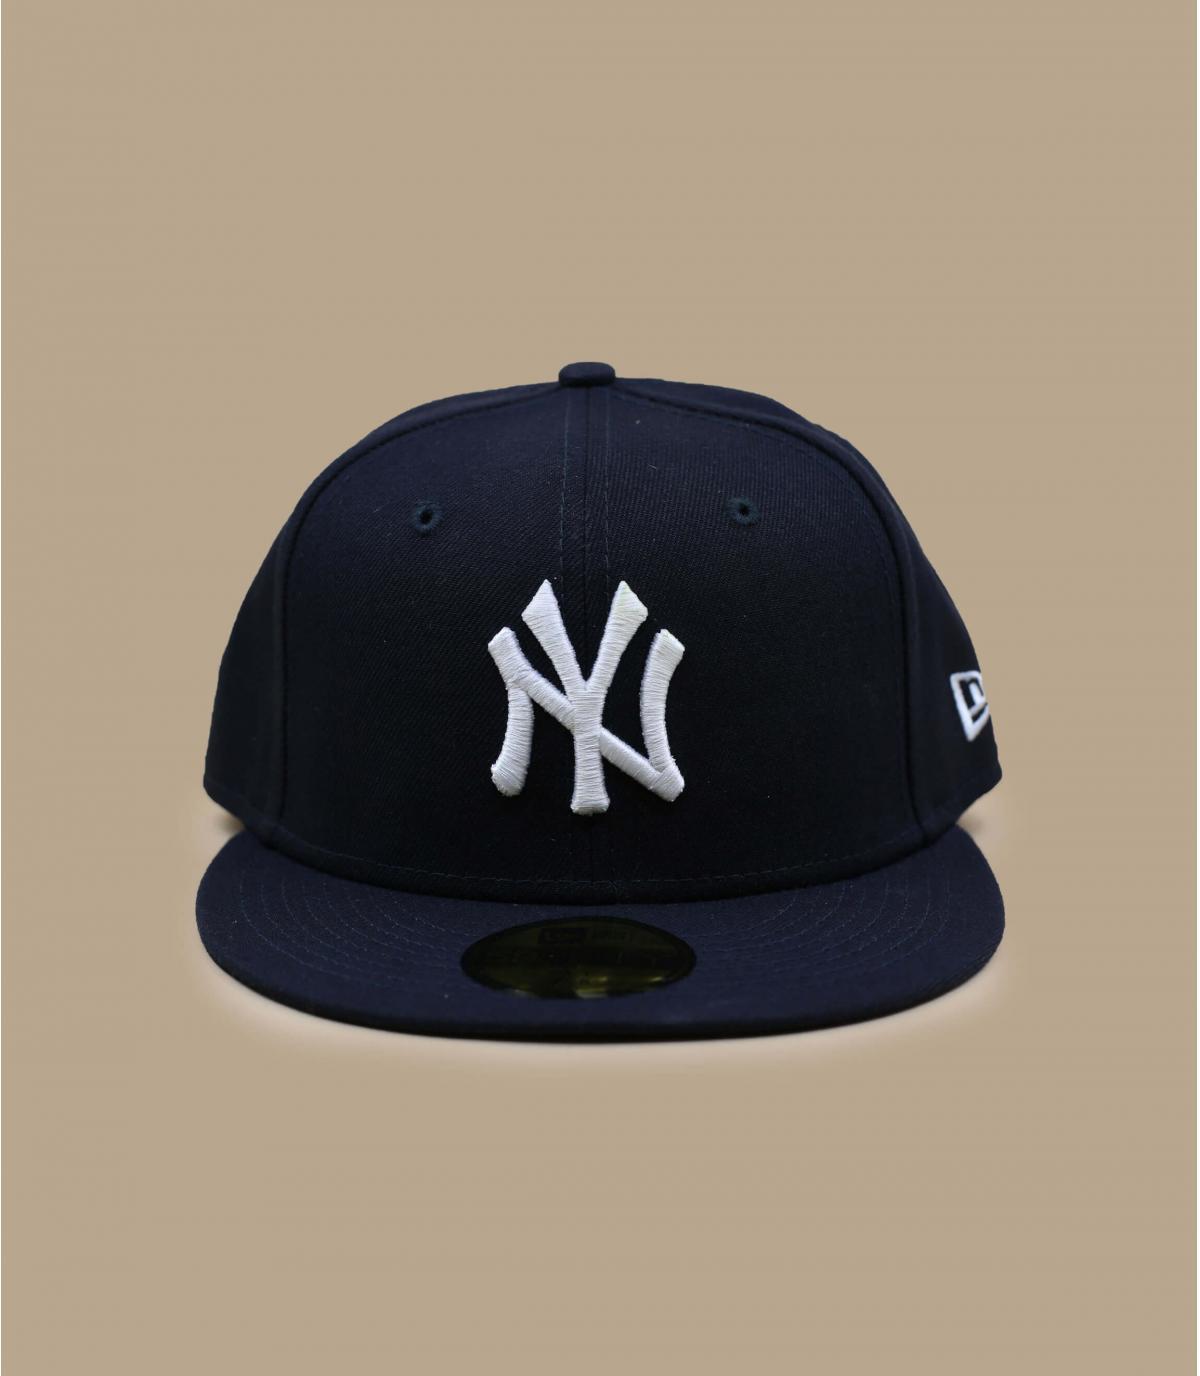 NY 5950 cap